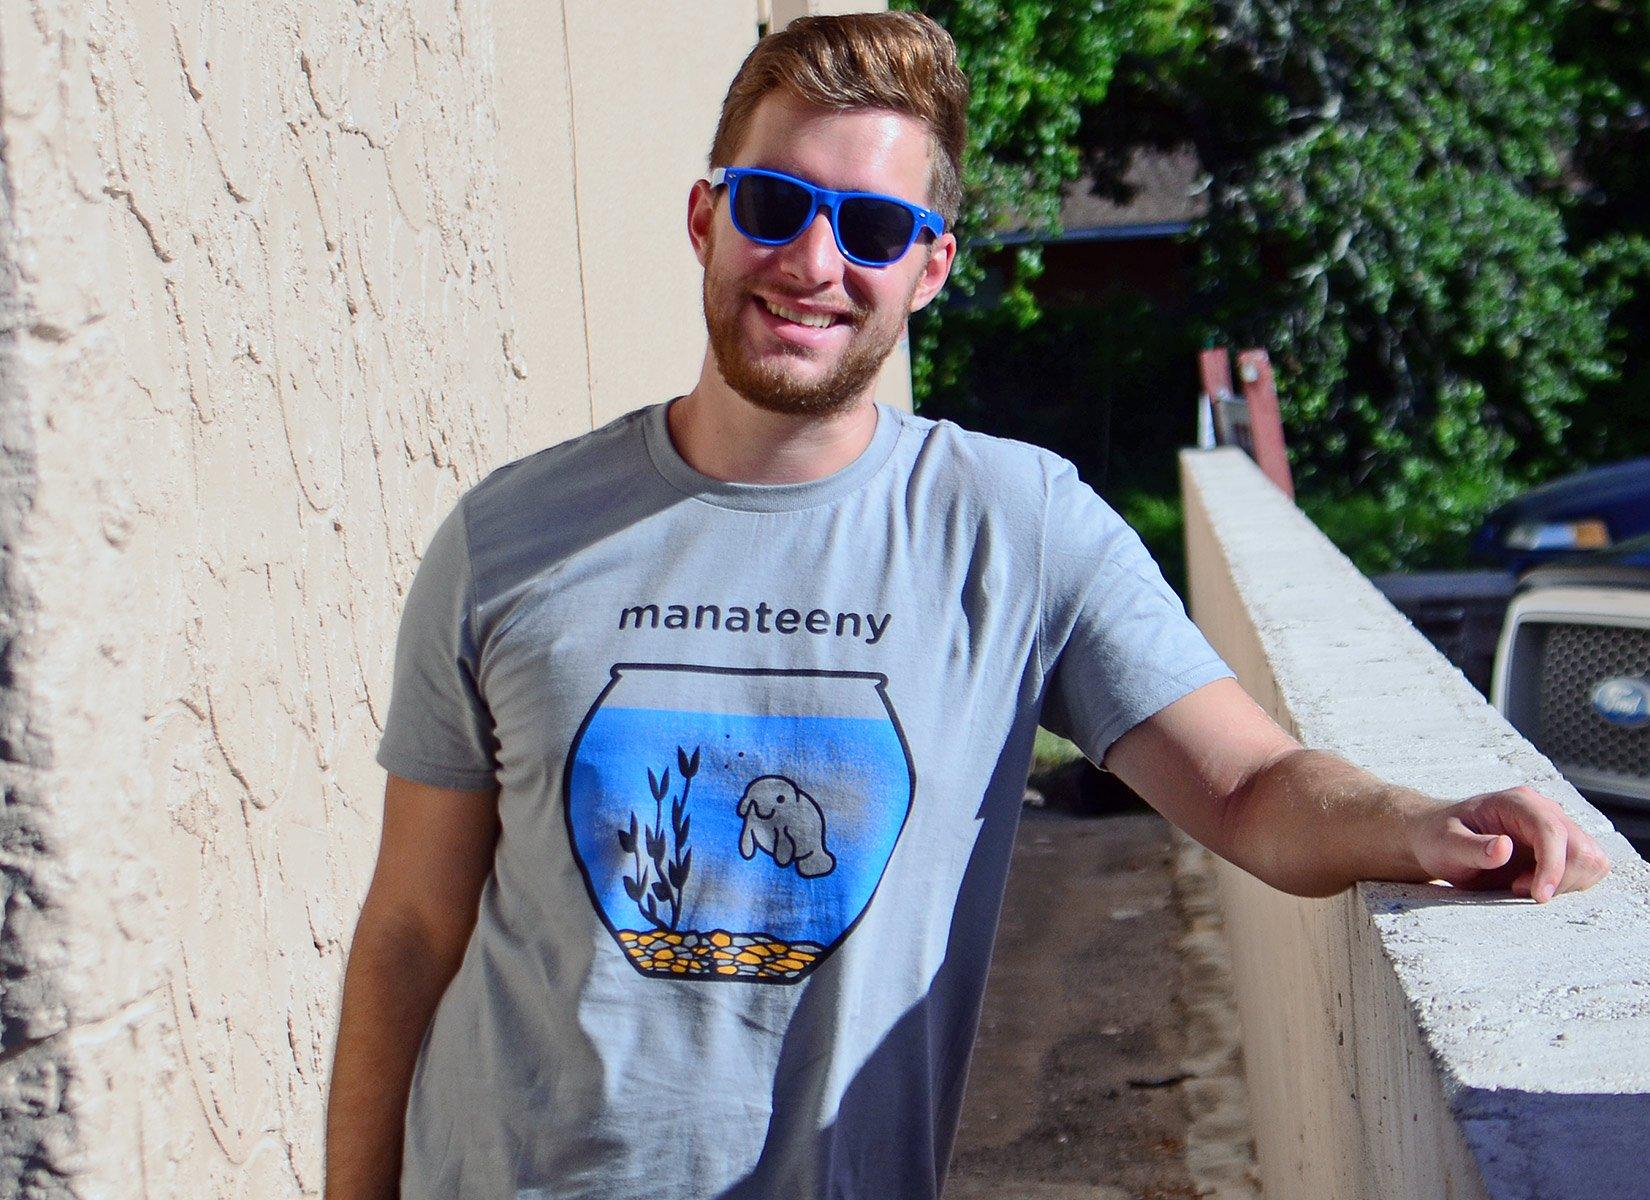 Manateeny